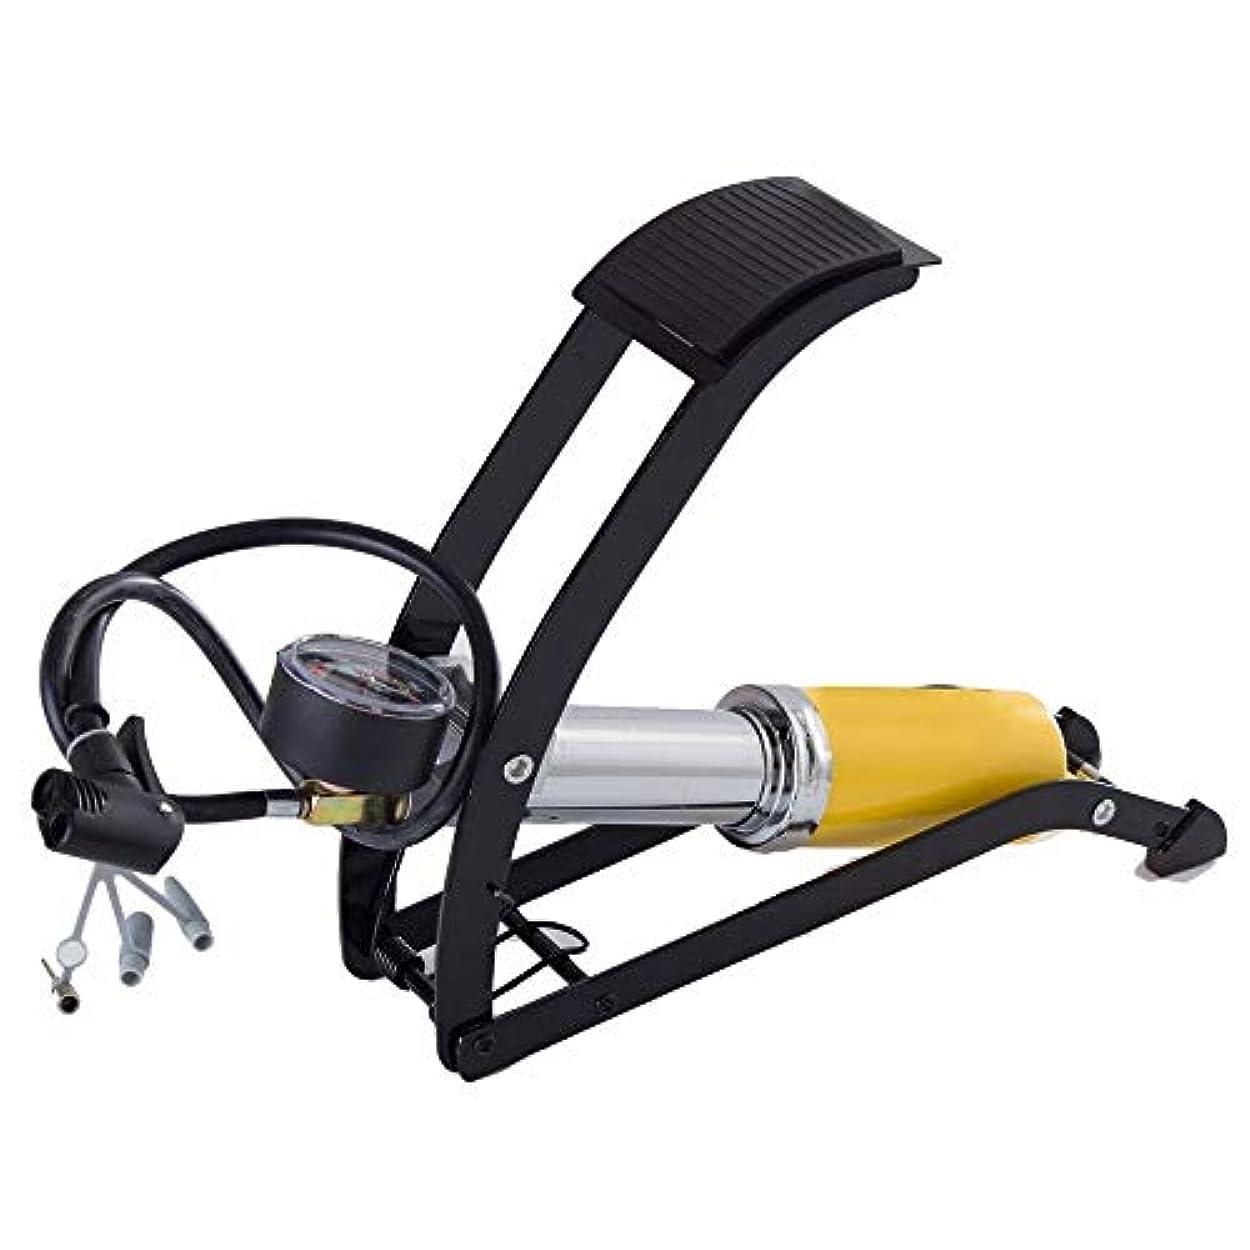 敷居メモ部自転車の空気入れ 自転車ポンプシングルピストンバイクのフットポンプ、正確な圧力計が付いている150PSIアルミニウムボディ弁のためのスマートな弁頭 早くて簡単 (色 : 黄, サイズ : 31cm)